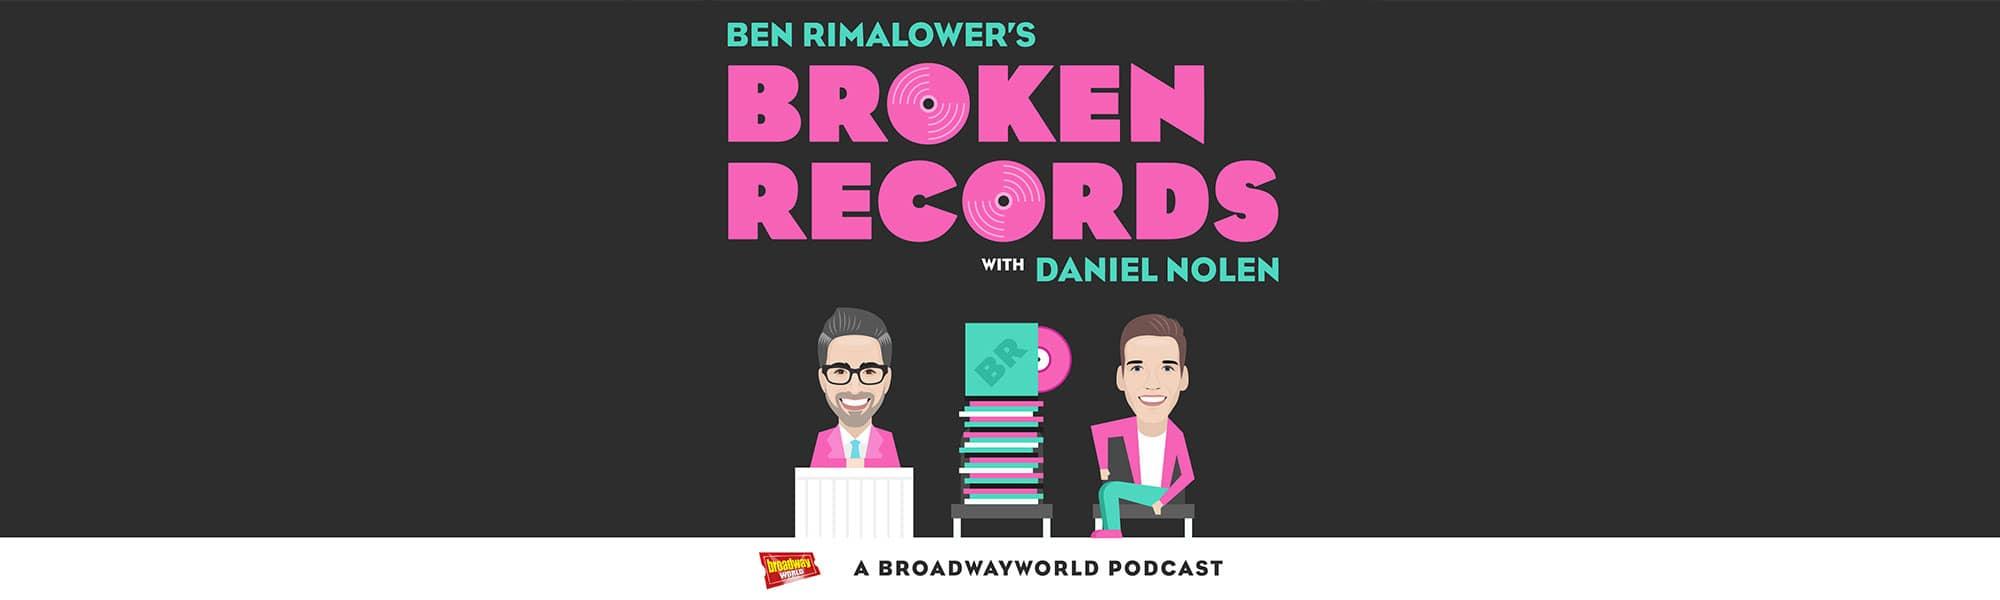 Ben Rimalower's Broken Records with Daniel Nolen